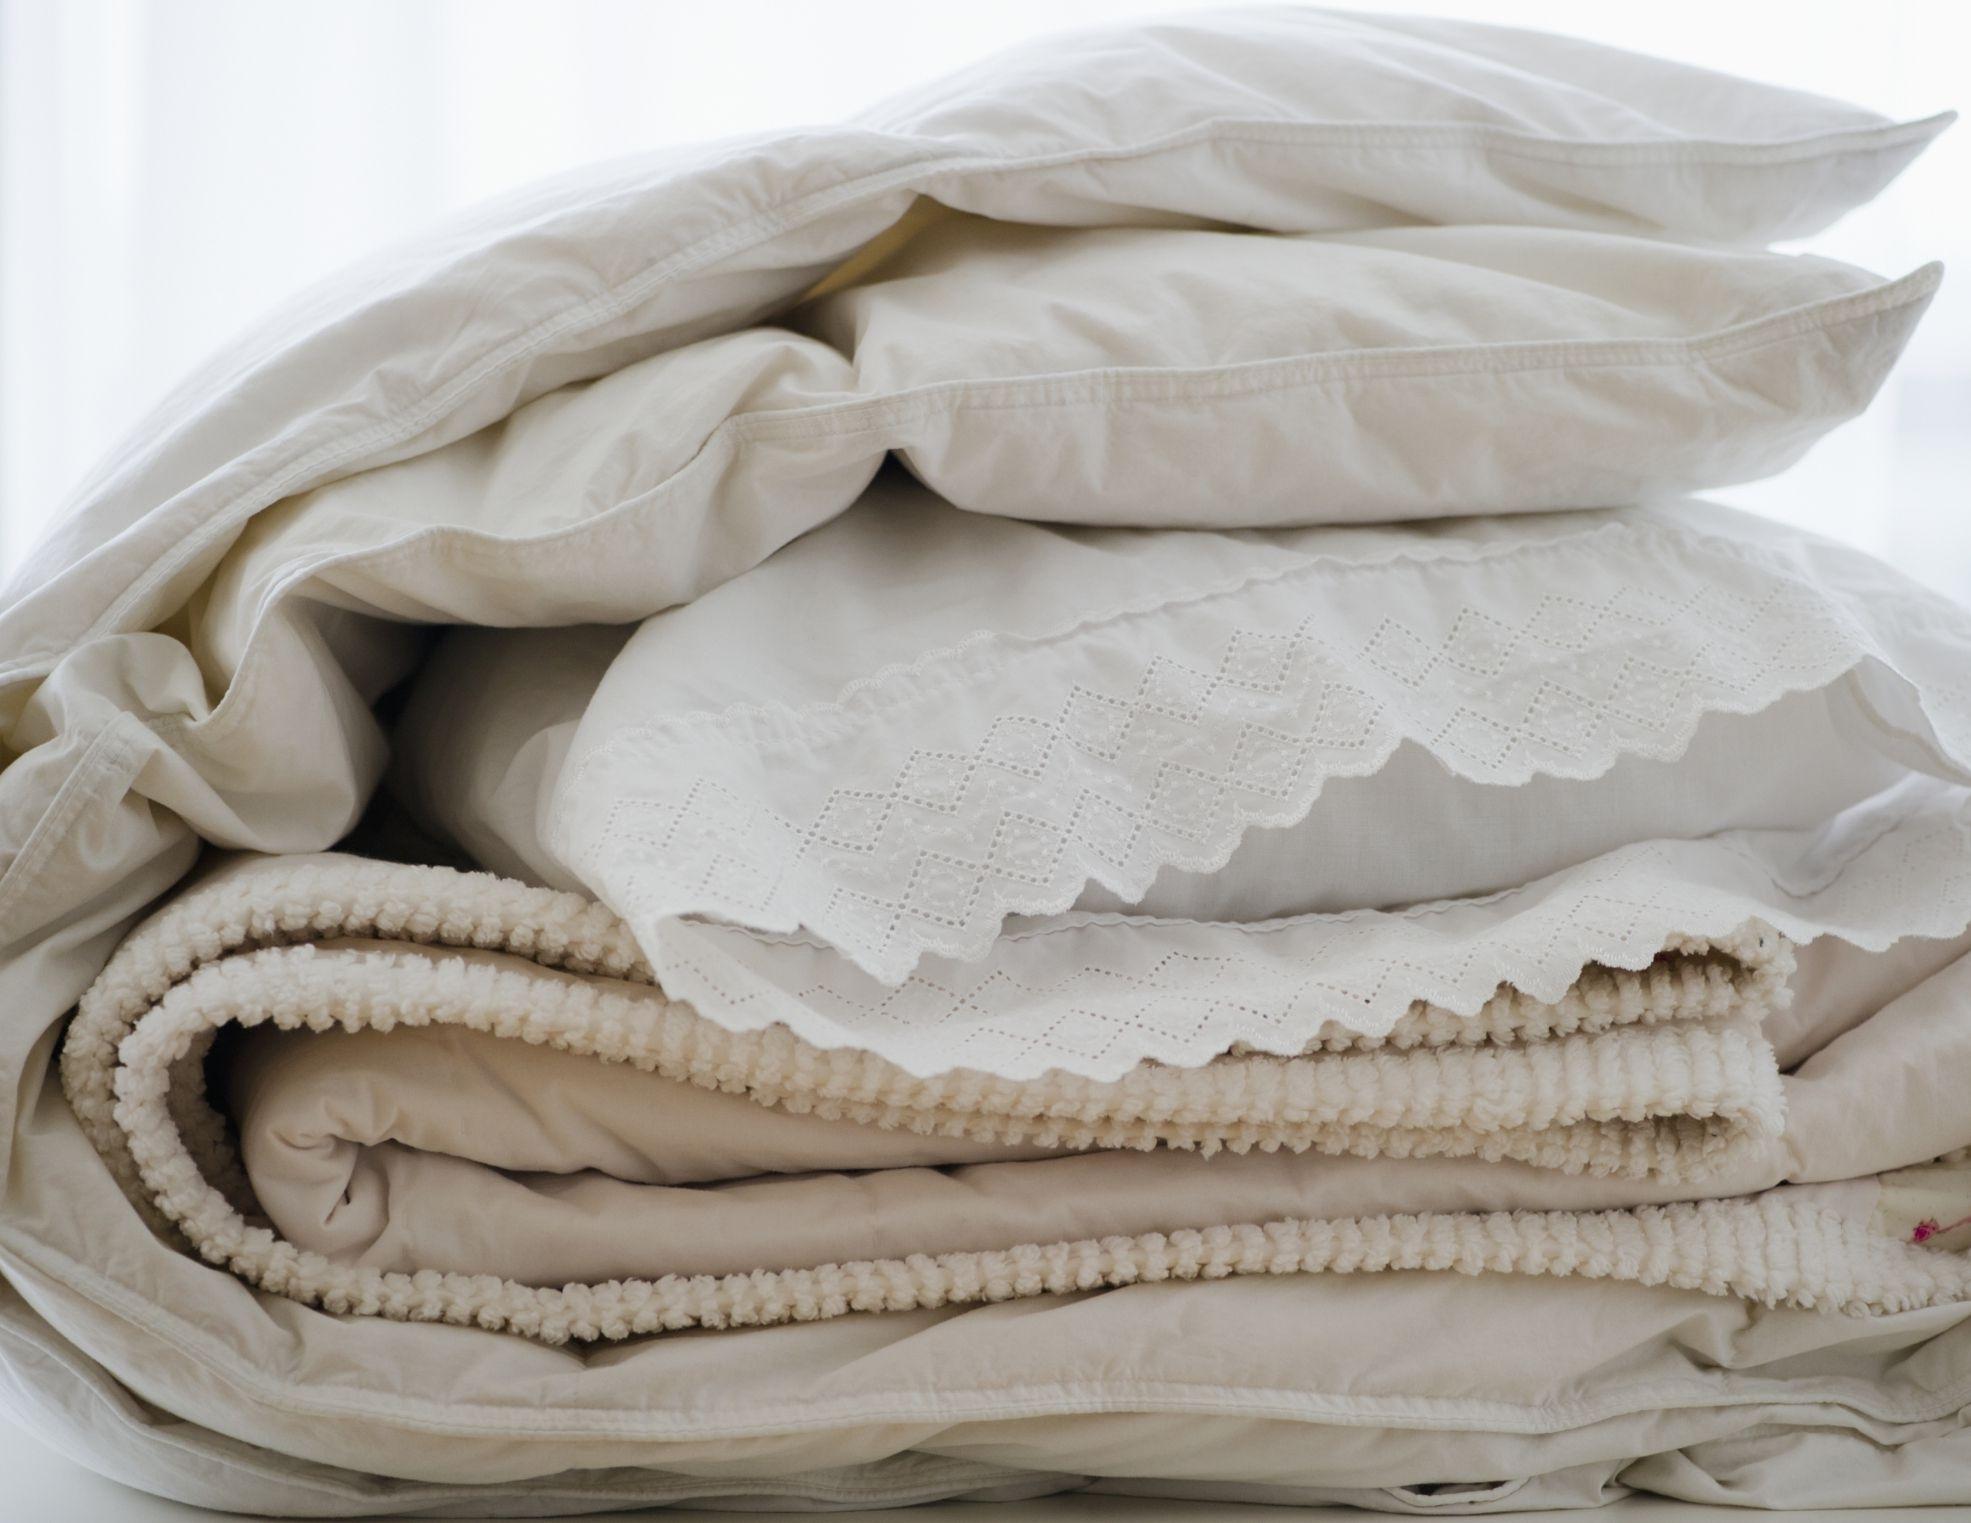 Хранить текстиль группами